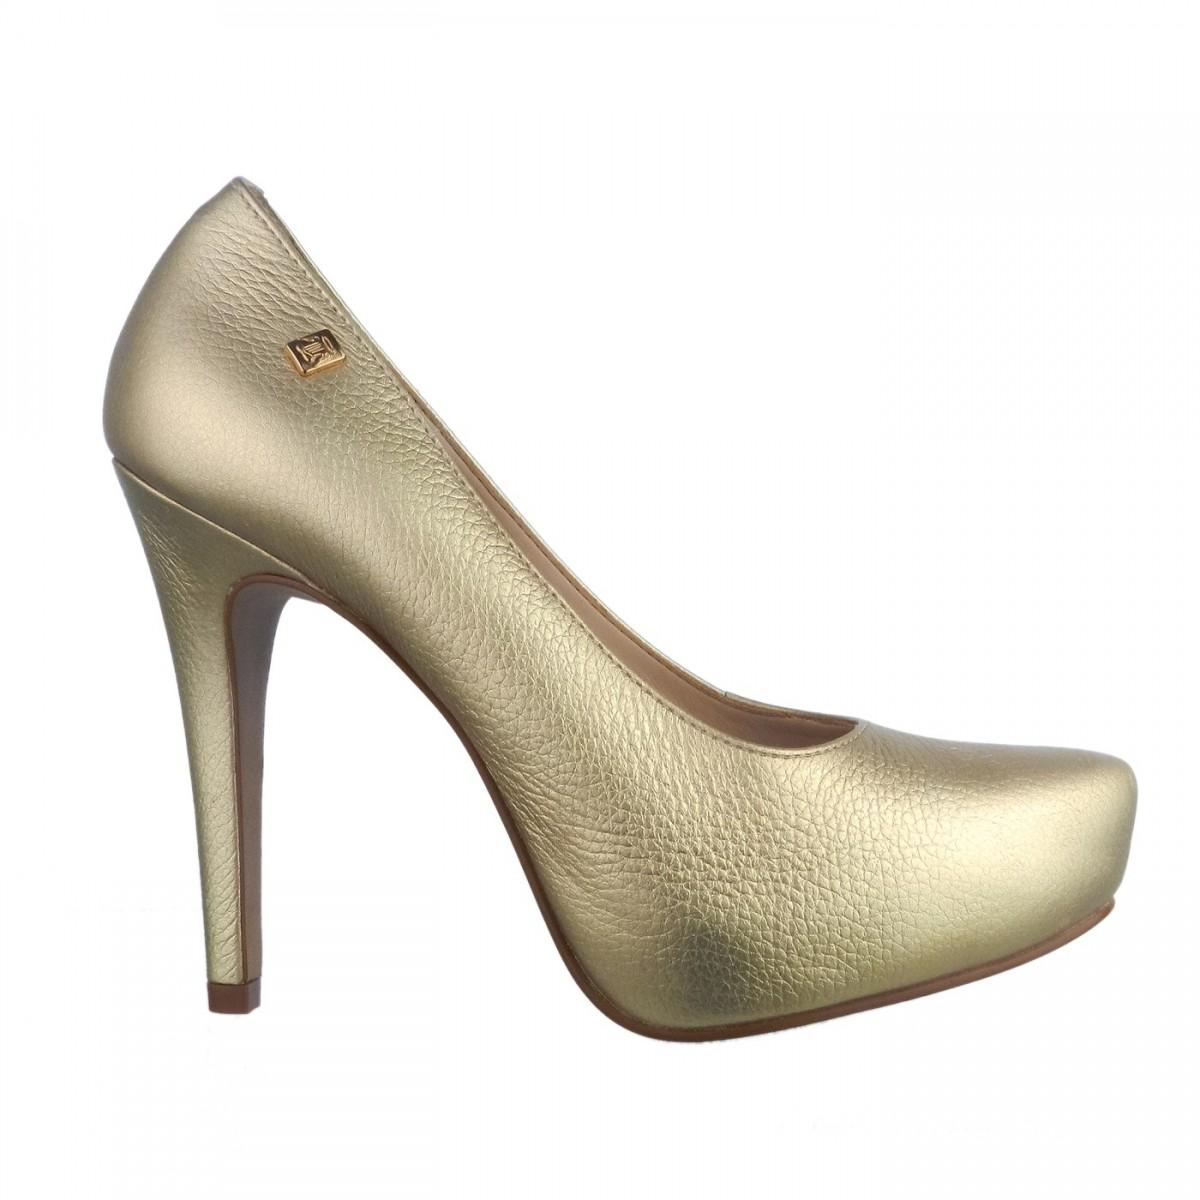 fd7ec2903 Bizz Store - Sapato Feminino Loucos e Santos Salto Alto Dourado